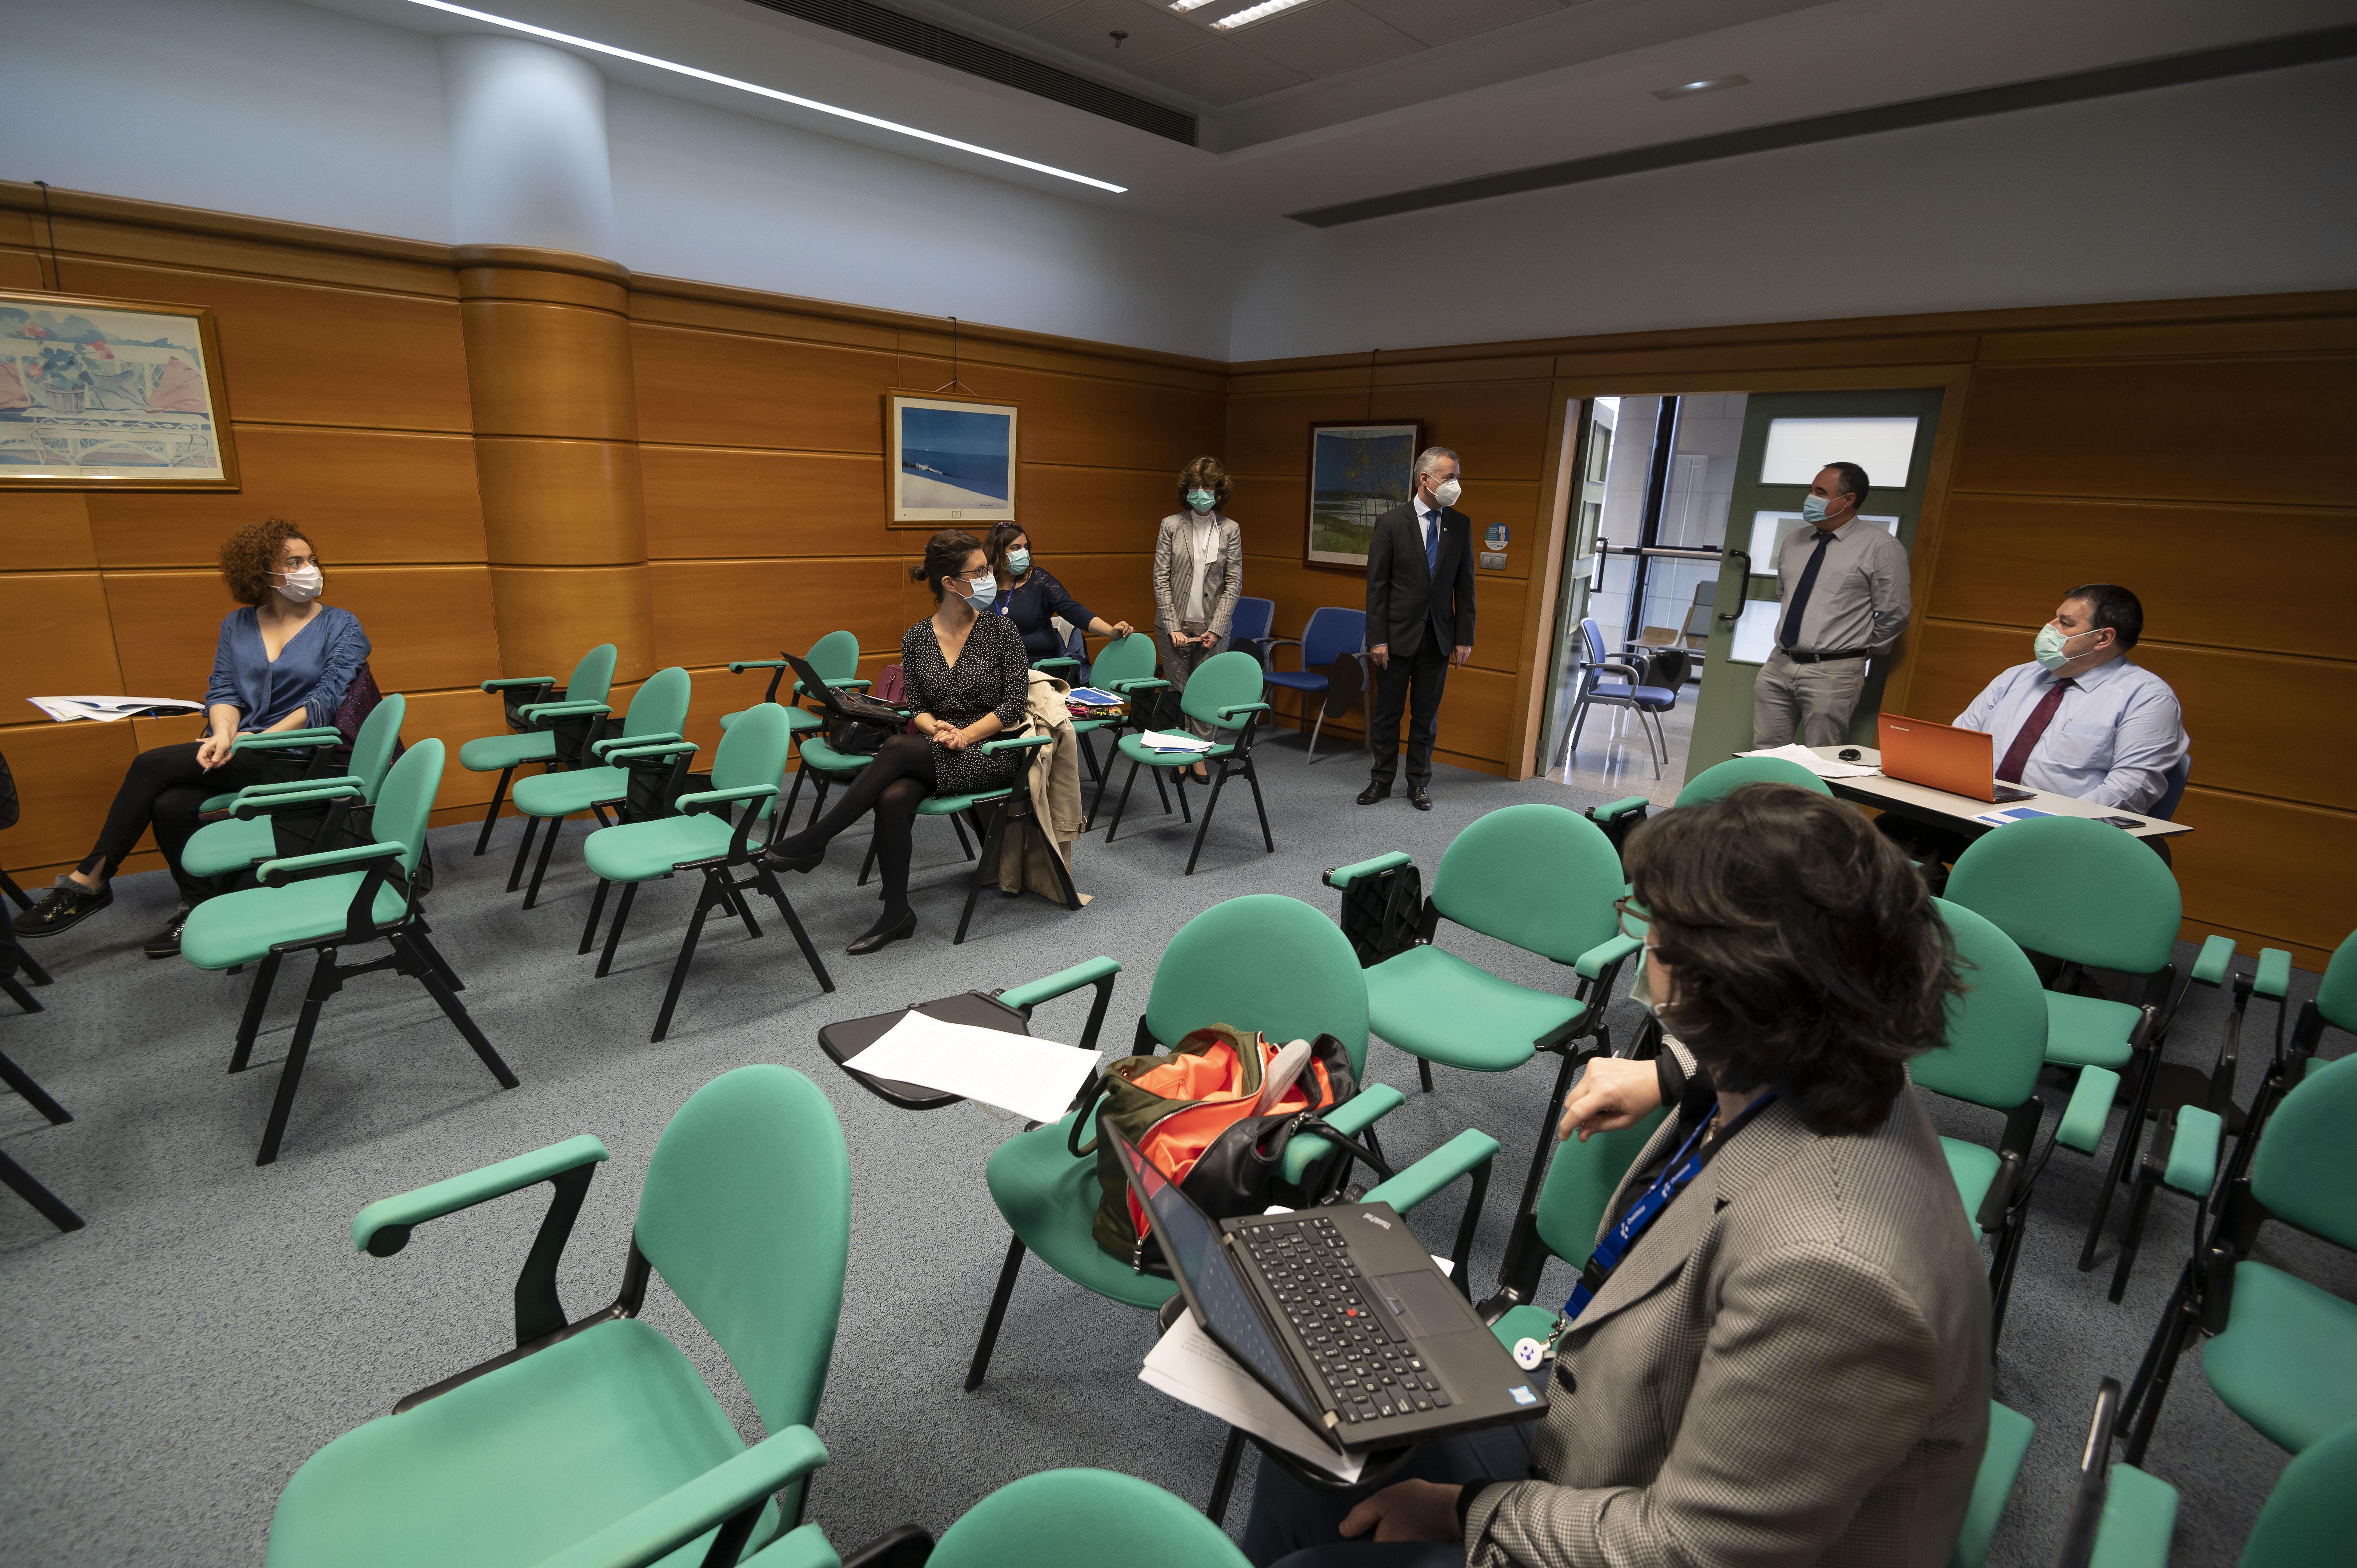 El Lehendakari Iñigo Urkullu se reúne con el equipo de salud que se encargará de la identificación y seguimiento de casos [0:44]